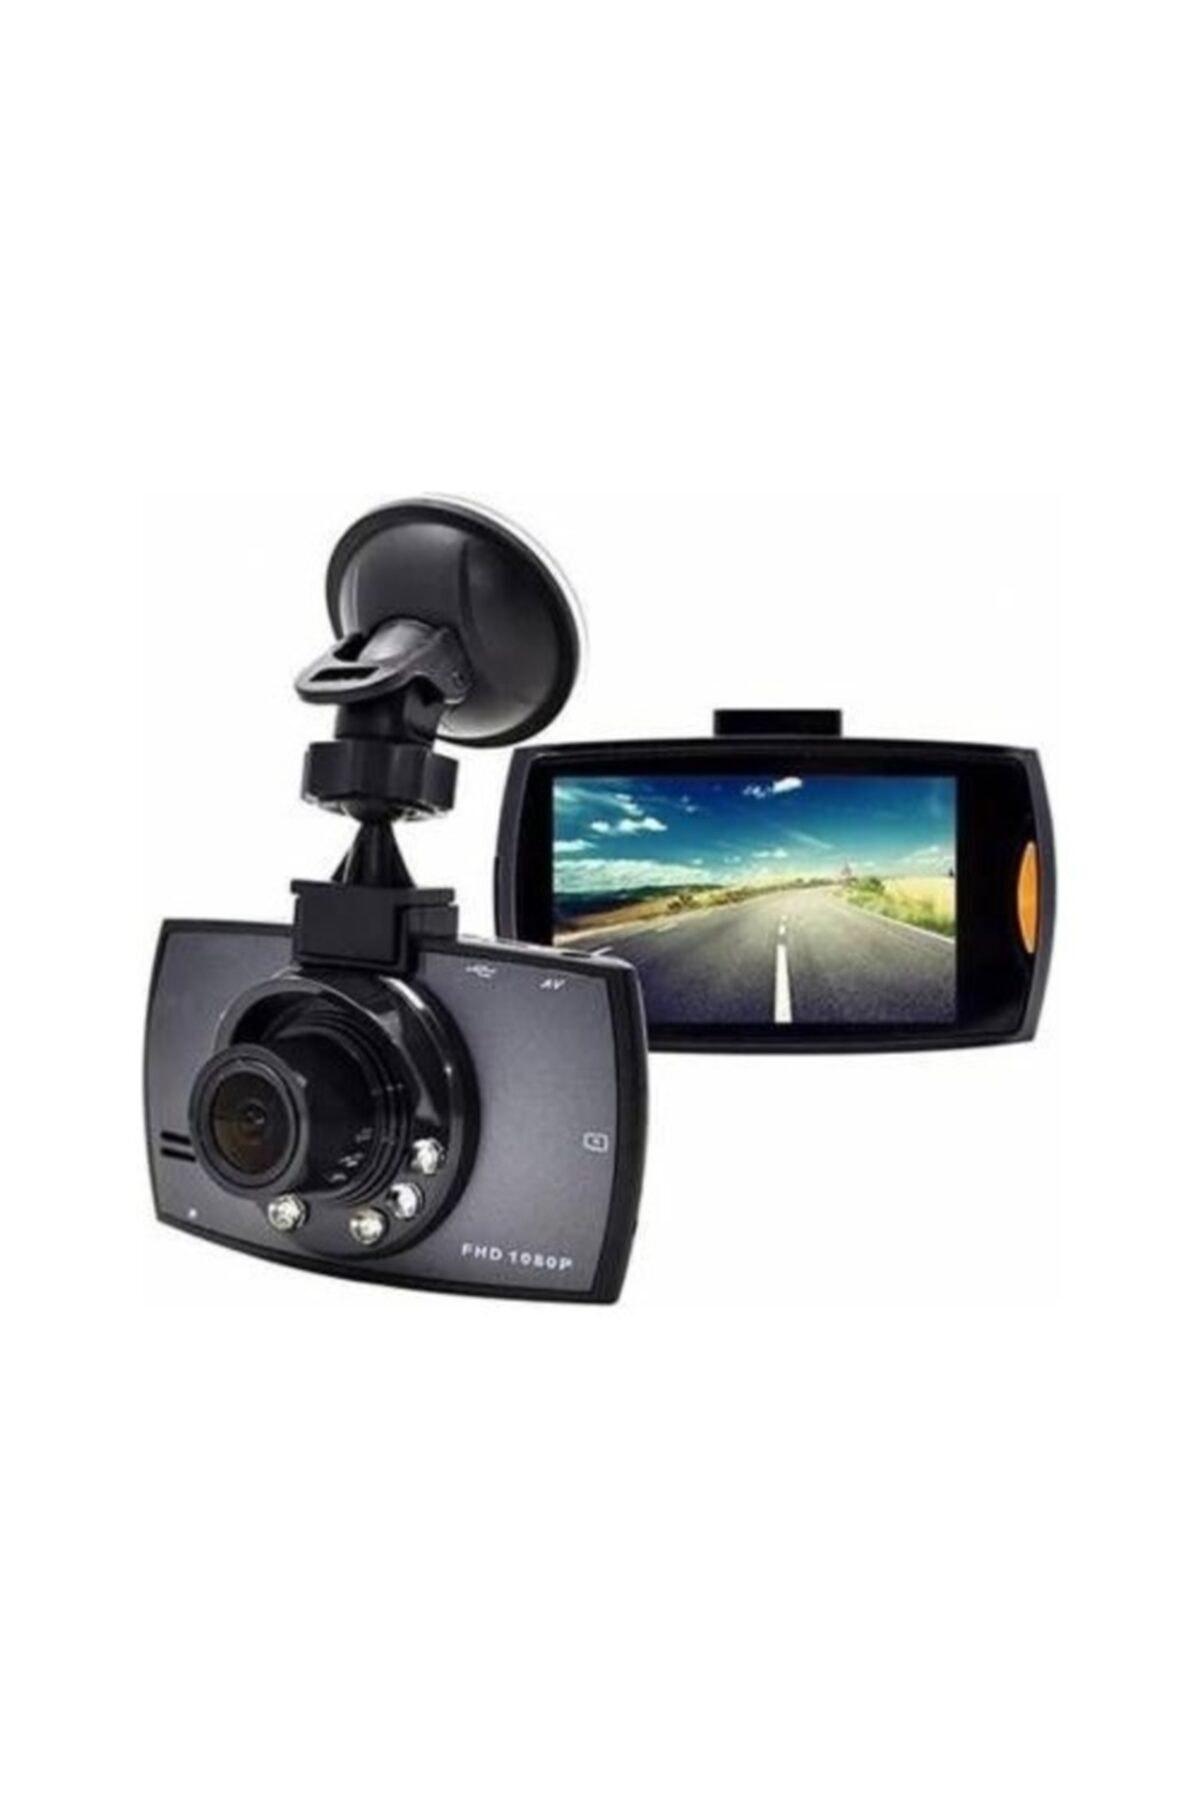 Piranha 1315 Full Hd Araç Içi Kamera 1